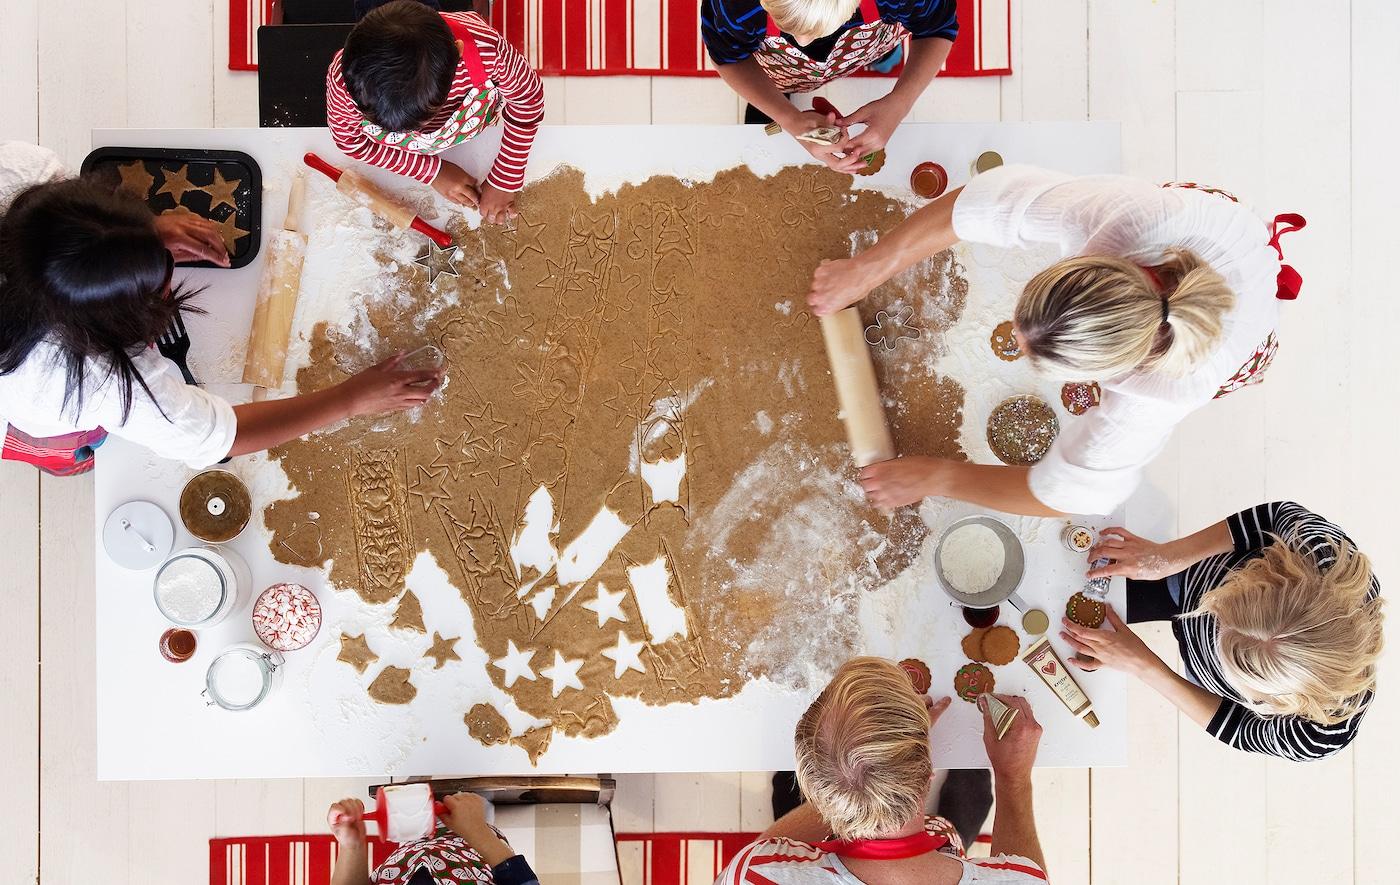 Un groupe d'adultes et d'enfants occupés à travailler une très grande pâte de biscuit à pain d'épice étalée sur une table de cuisine.